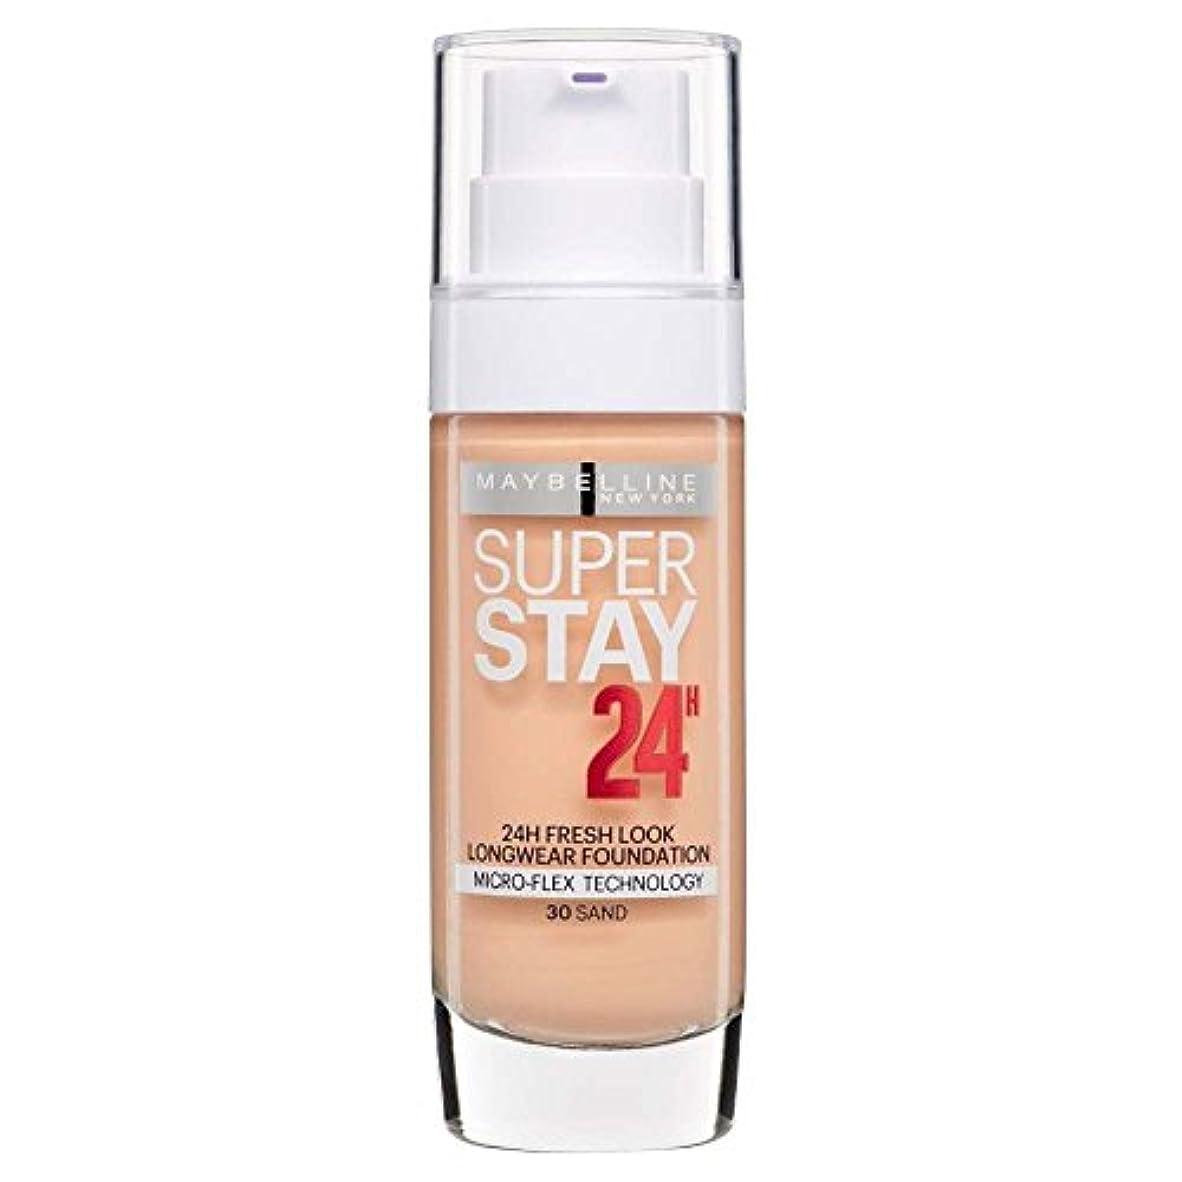 除外する勤勉な買い物に行く2 x Maybelline Superstay 24H Fresh Look Longwear Foundation 30ml - 030 Sand